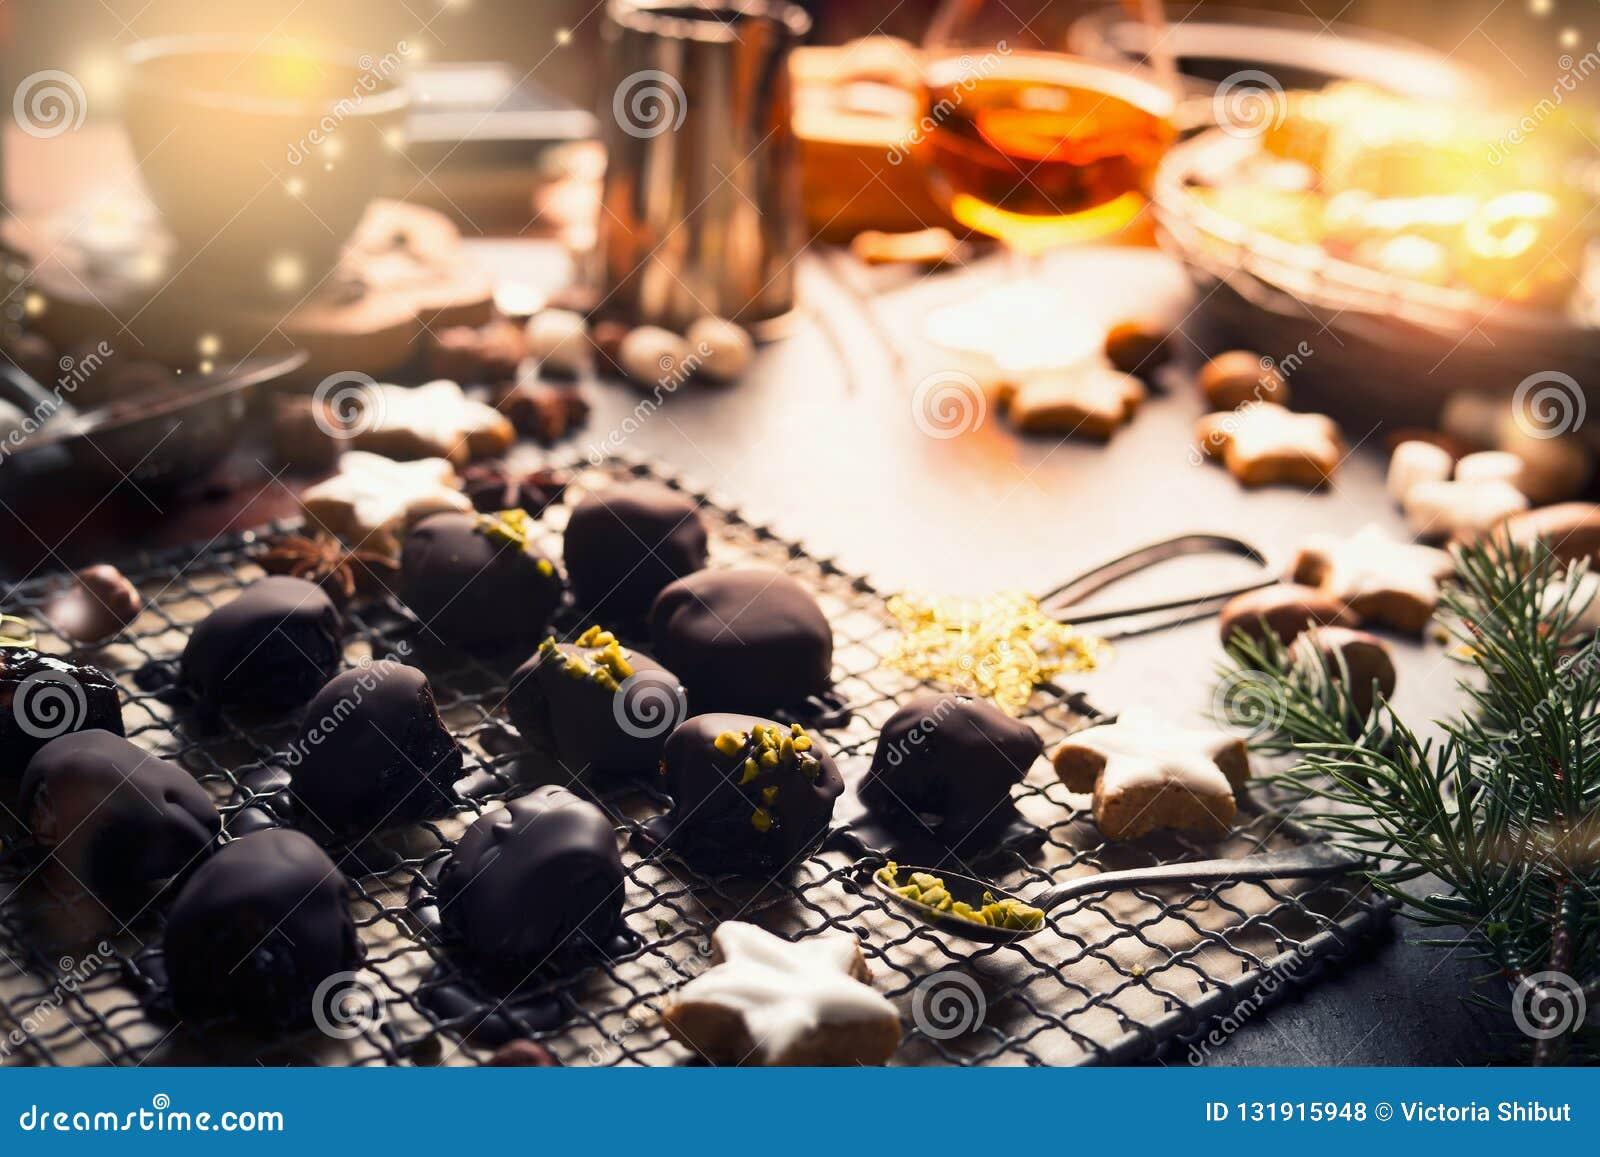 Hemlagad festlig konfekt, brända mandlar och tryfflar på mörk lantlig bakgrund med ingredienser Julsötsakbakelser